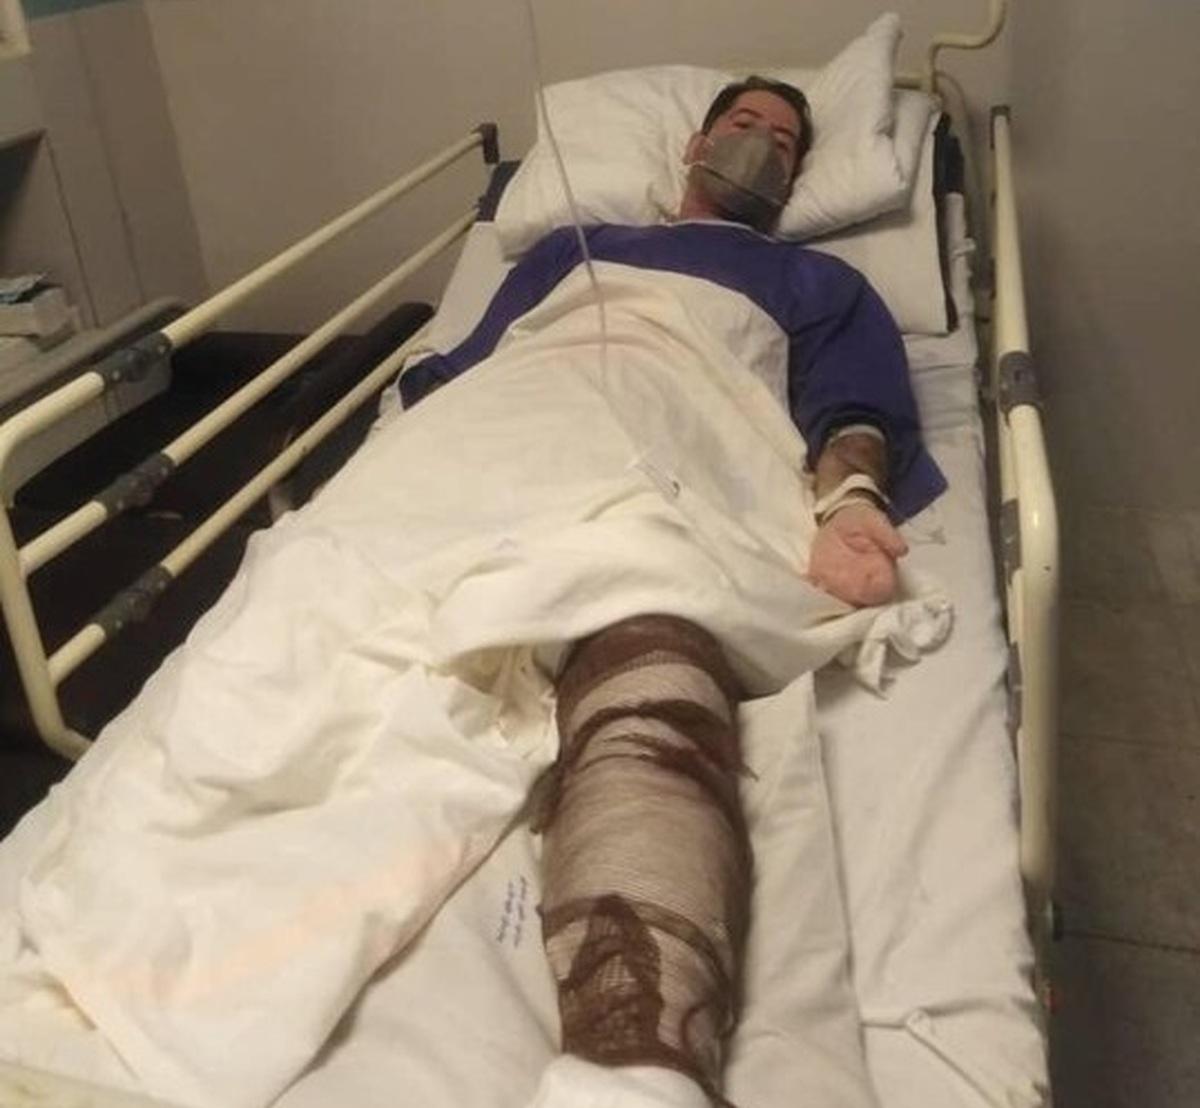 ناظر گمرکات هرمزگان: معاون گمرک شهید رجایی مورد سوءقصد قرار گرفت